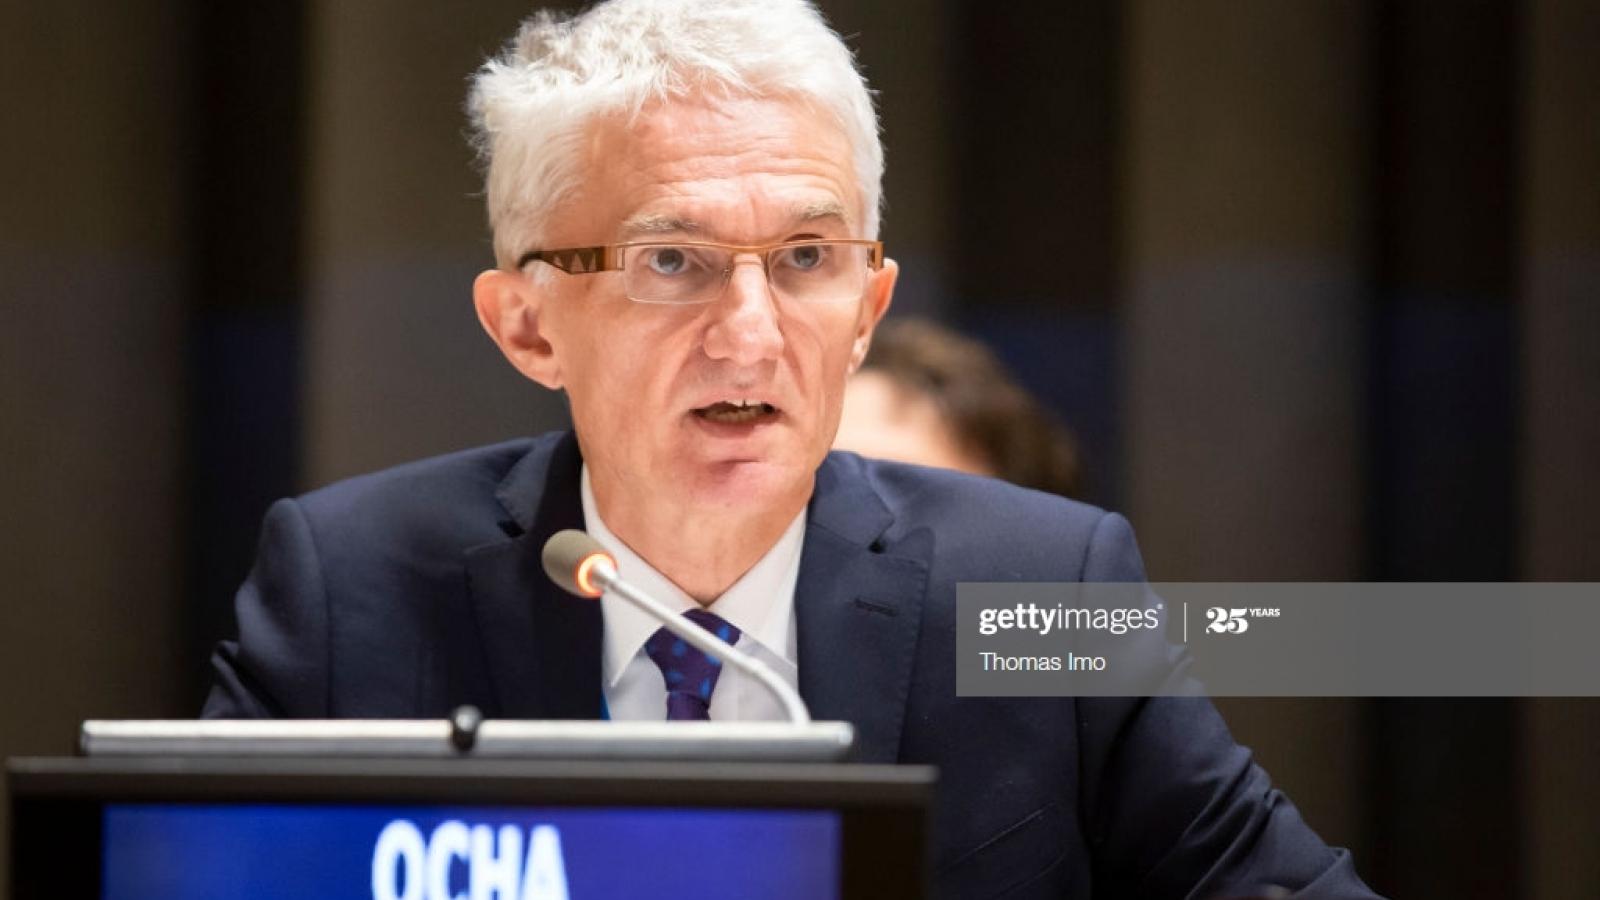 Liên Hợp Quốc kêu gọi 6,7 tỷ USD giúp các nước nghèo đối phó Covid-19